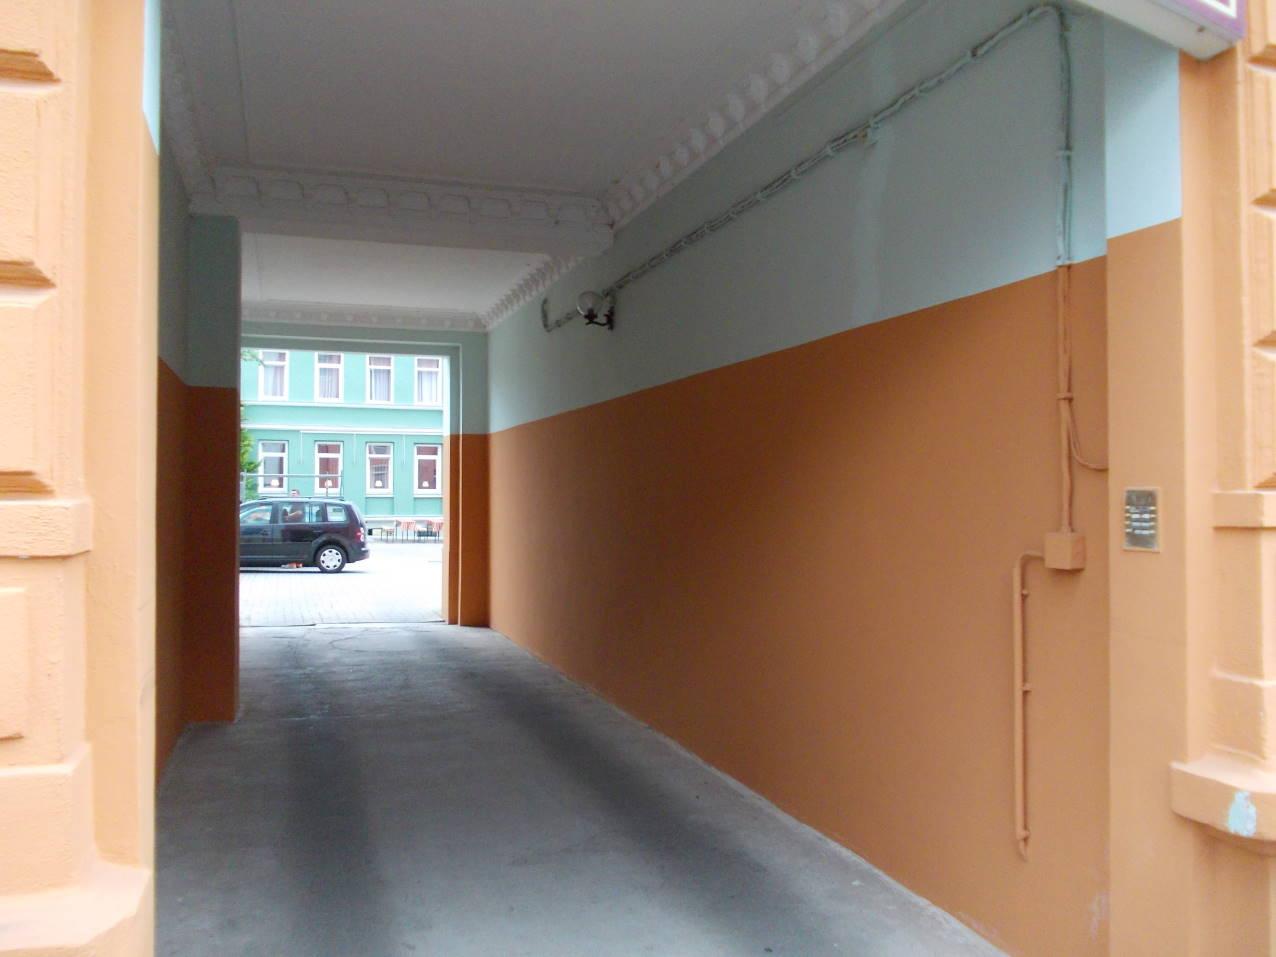 durchfahrt-zum-parkplatz